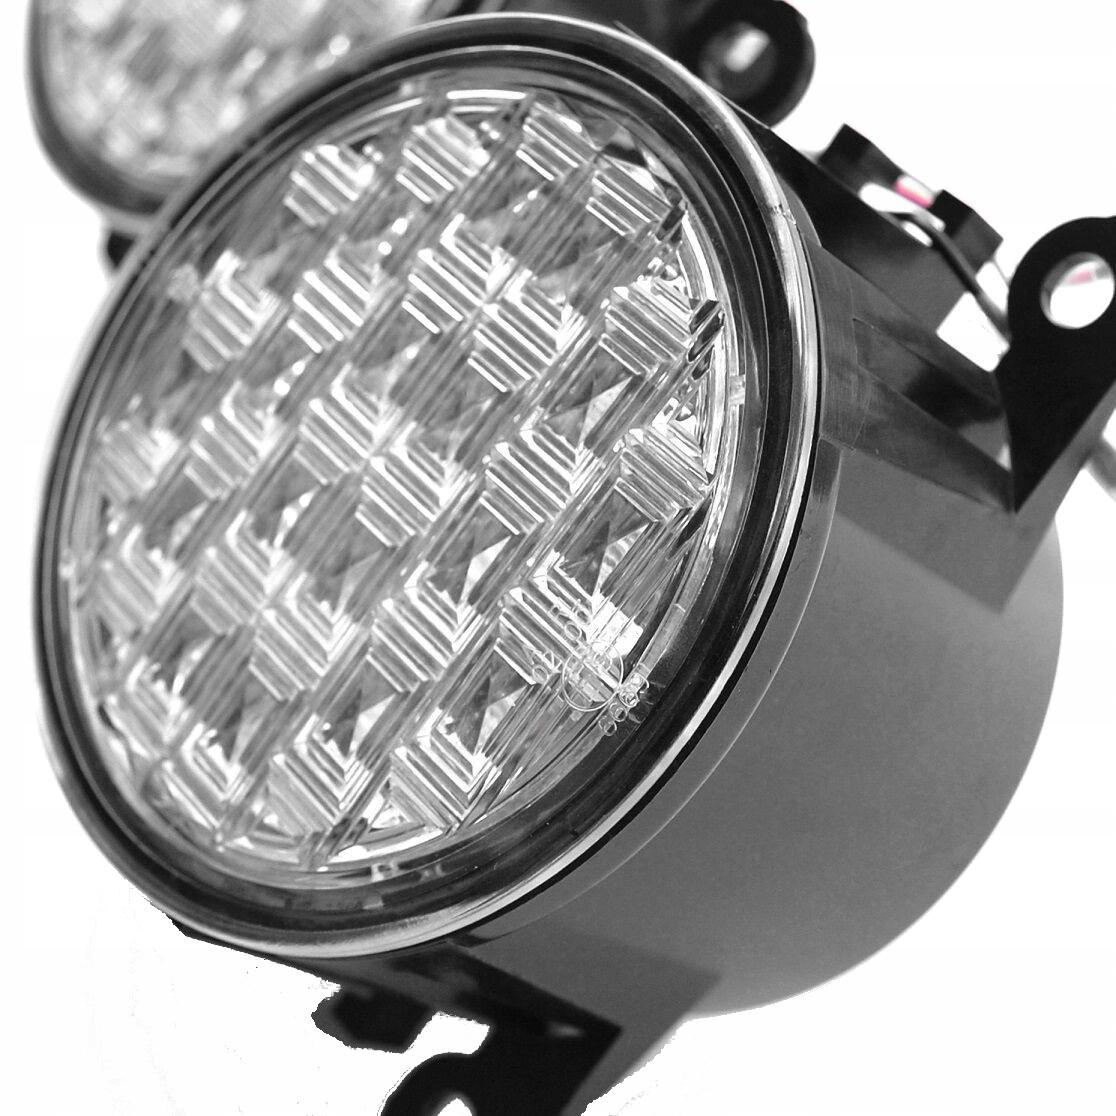 DRL Halogen LED do jazdy dziennej ponad 100 modeli 2